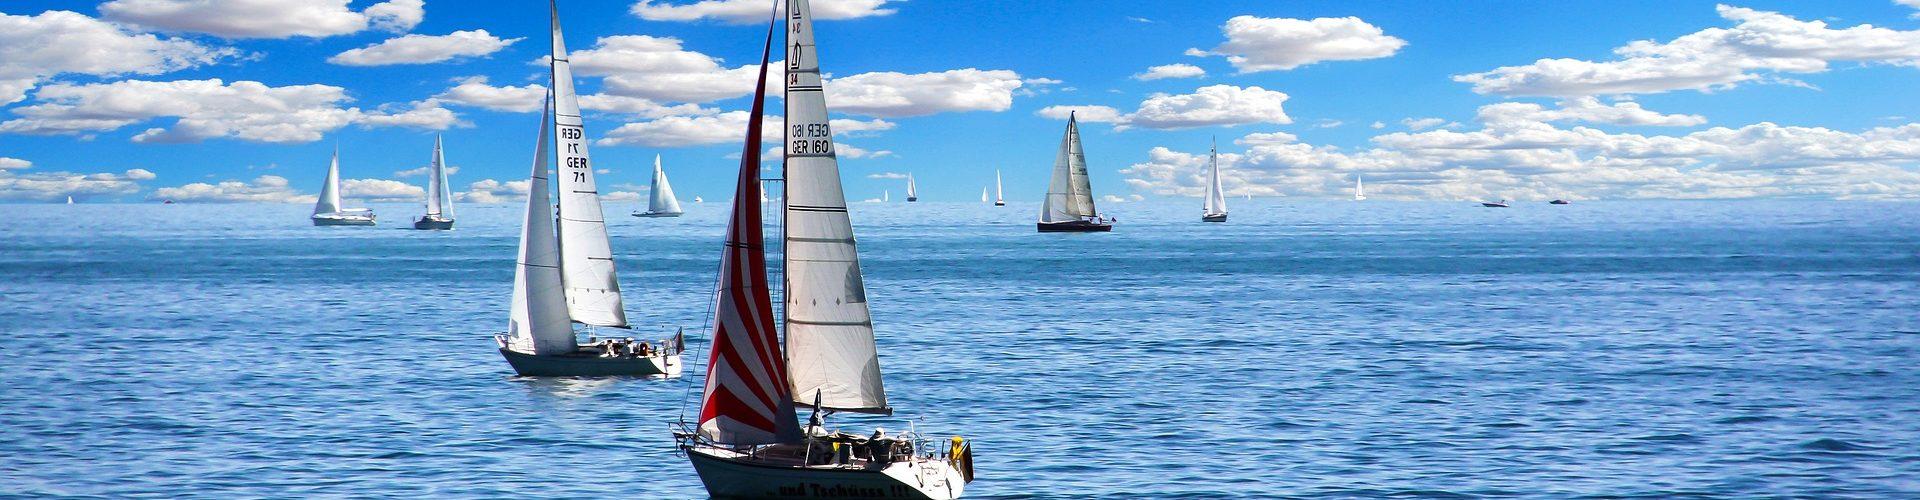 segeln lernen in Pirk segelschein machen in Pirk 1920x500 - Segeln lernen in Pirk